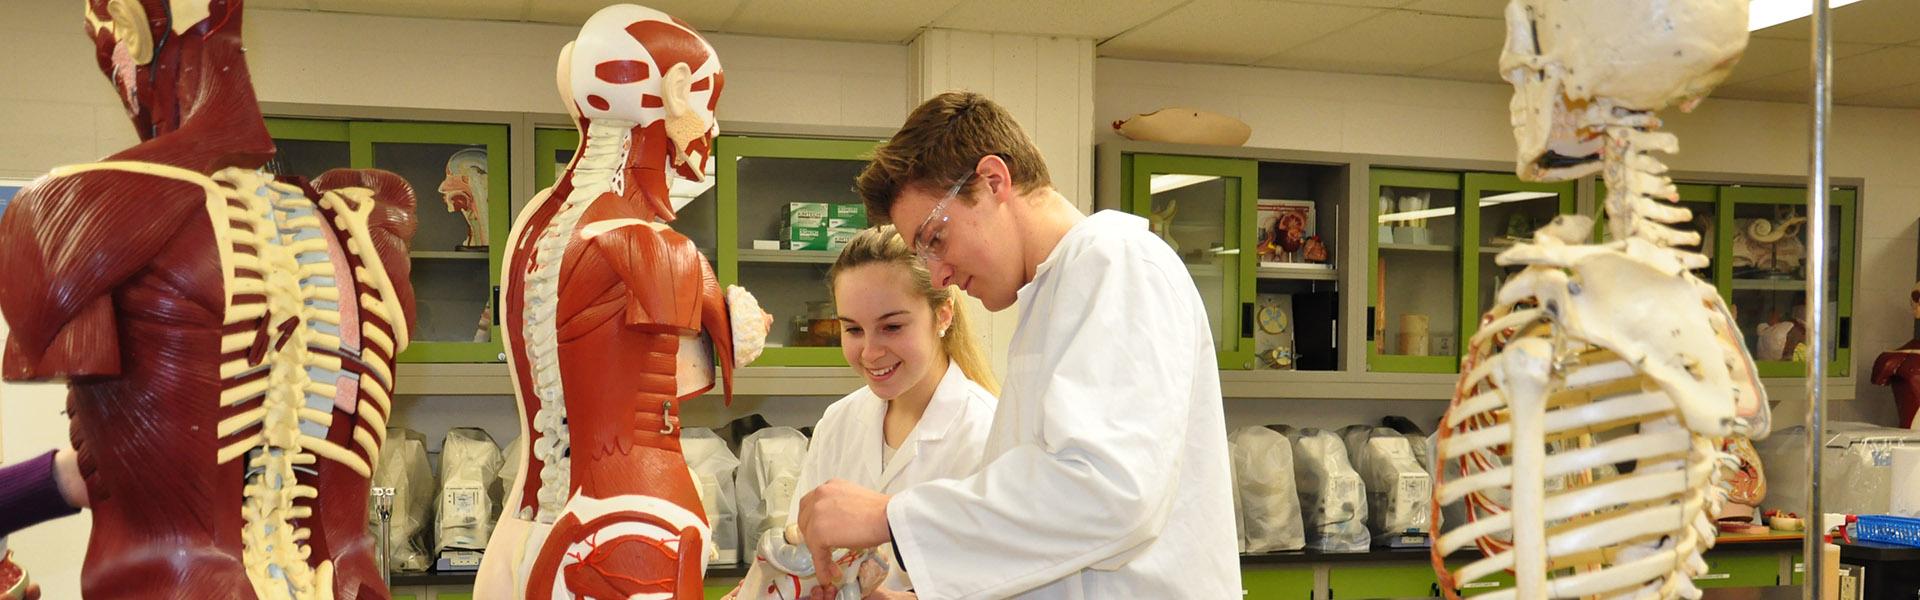 Vous aimeriez joindre des équipes de recherche et travailler avec des scientifiques de niveau professionnel? Choisissez le programme Sciences de la nature du Cégep de Sherbrooke.